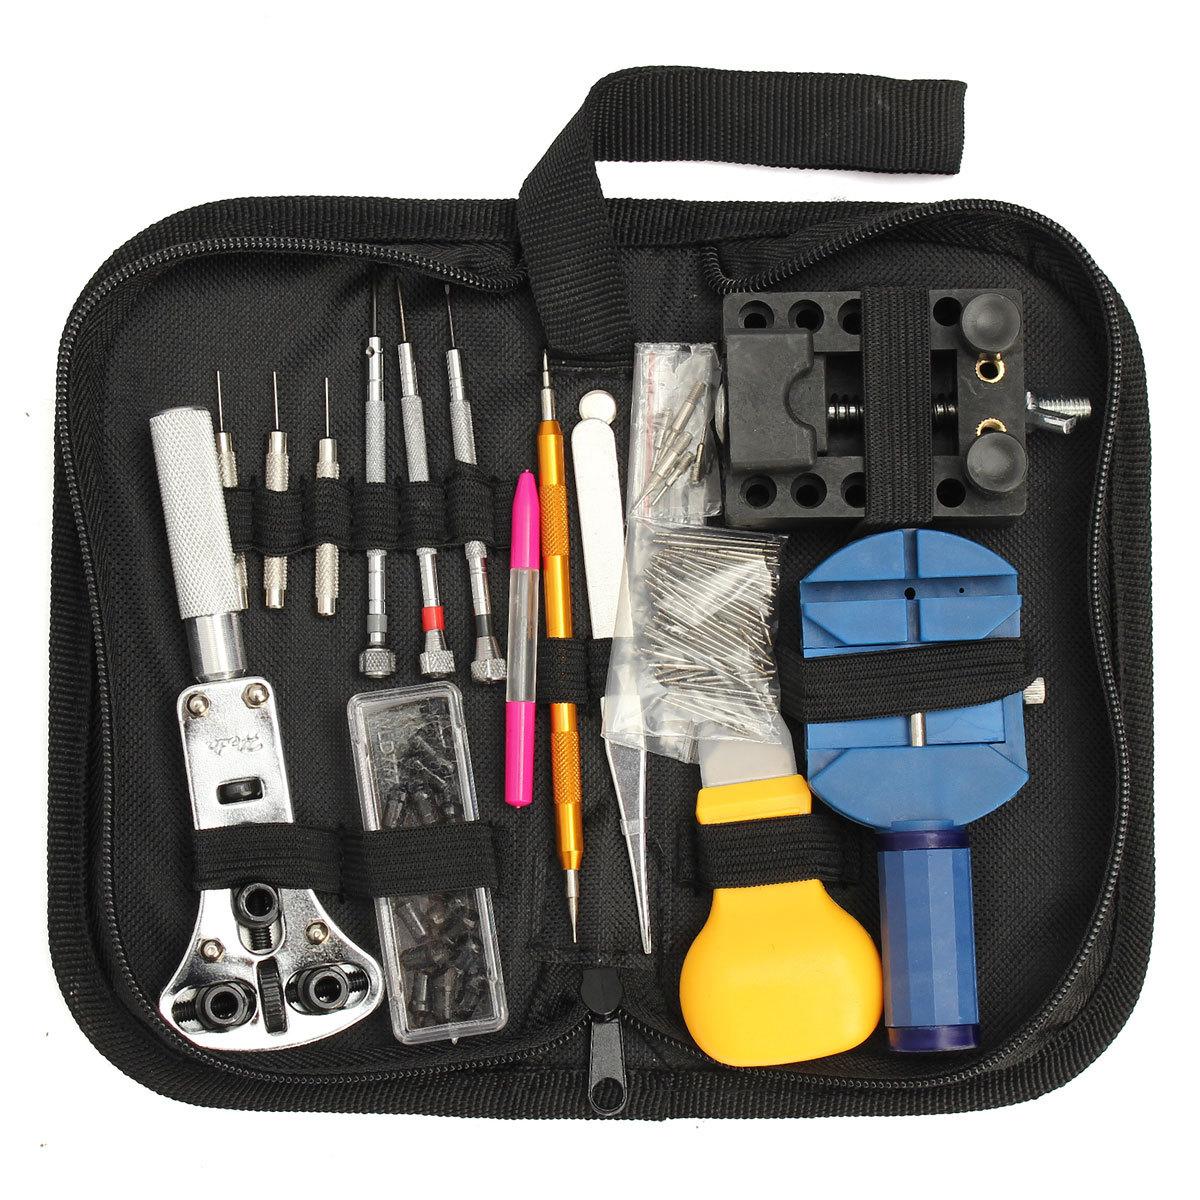 Dụng cụ tổng hợp Bán nóng xuyên biên giới 144 công cụ sửa chữa đồng hồ đặt công cụ sửa chữa đồng hồ